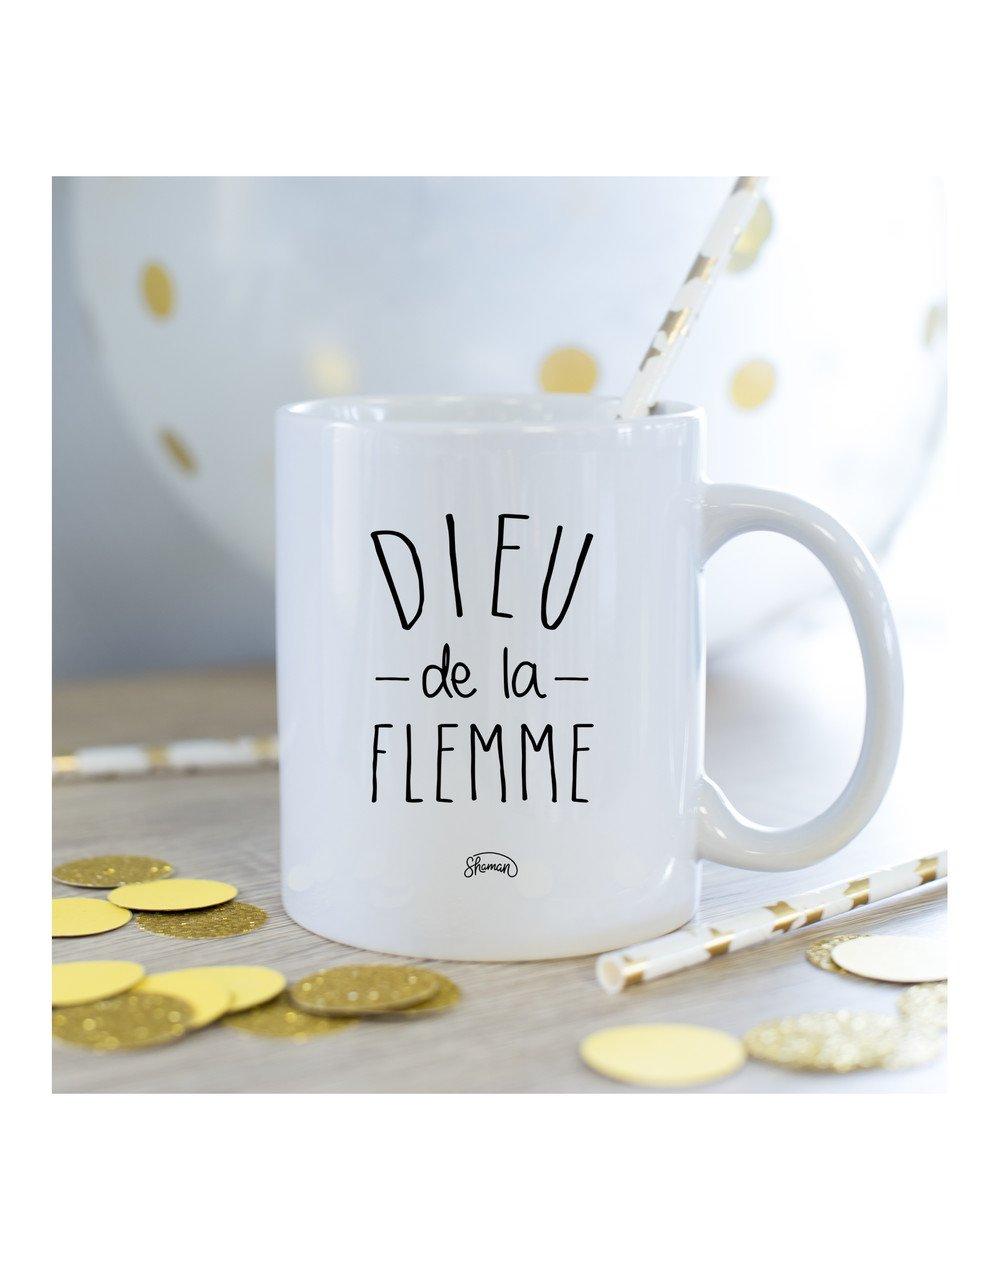 Mug dieu flemme